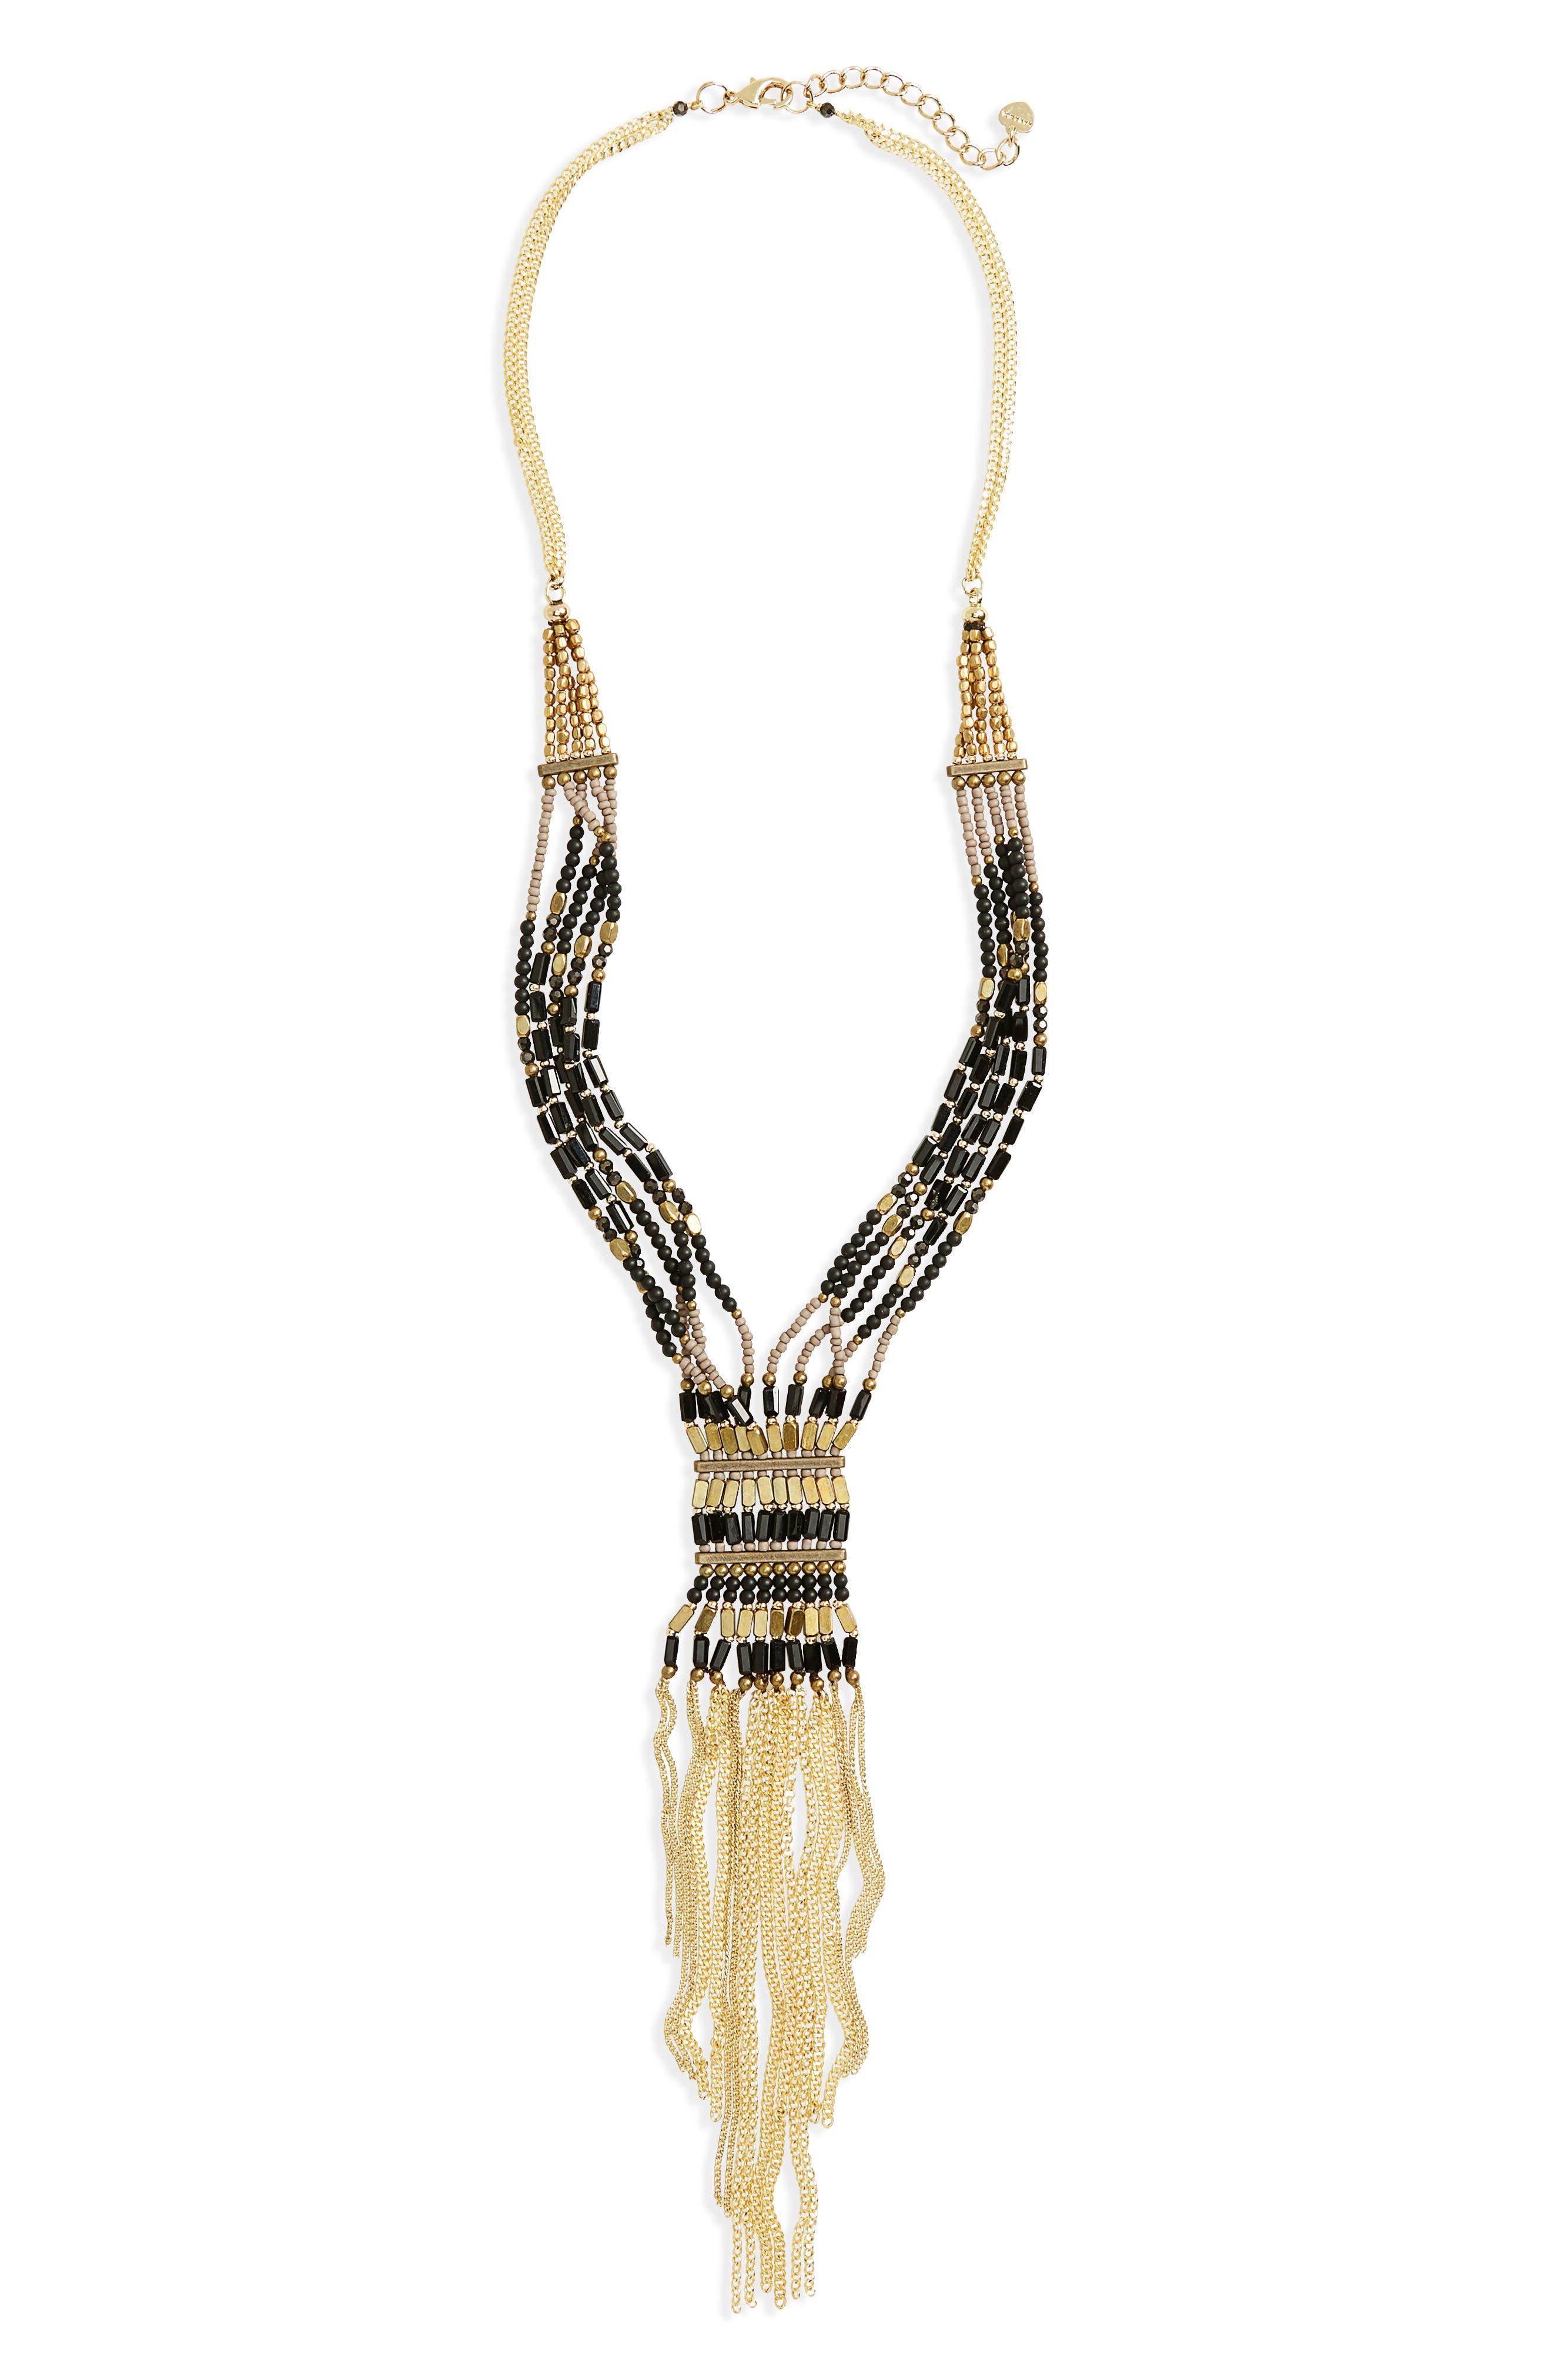 Main Image - Nakamol Design Stone & Seed Bead Fringe Statement Necklace